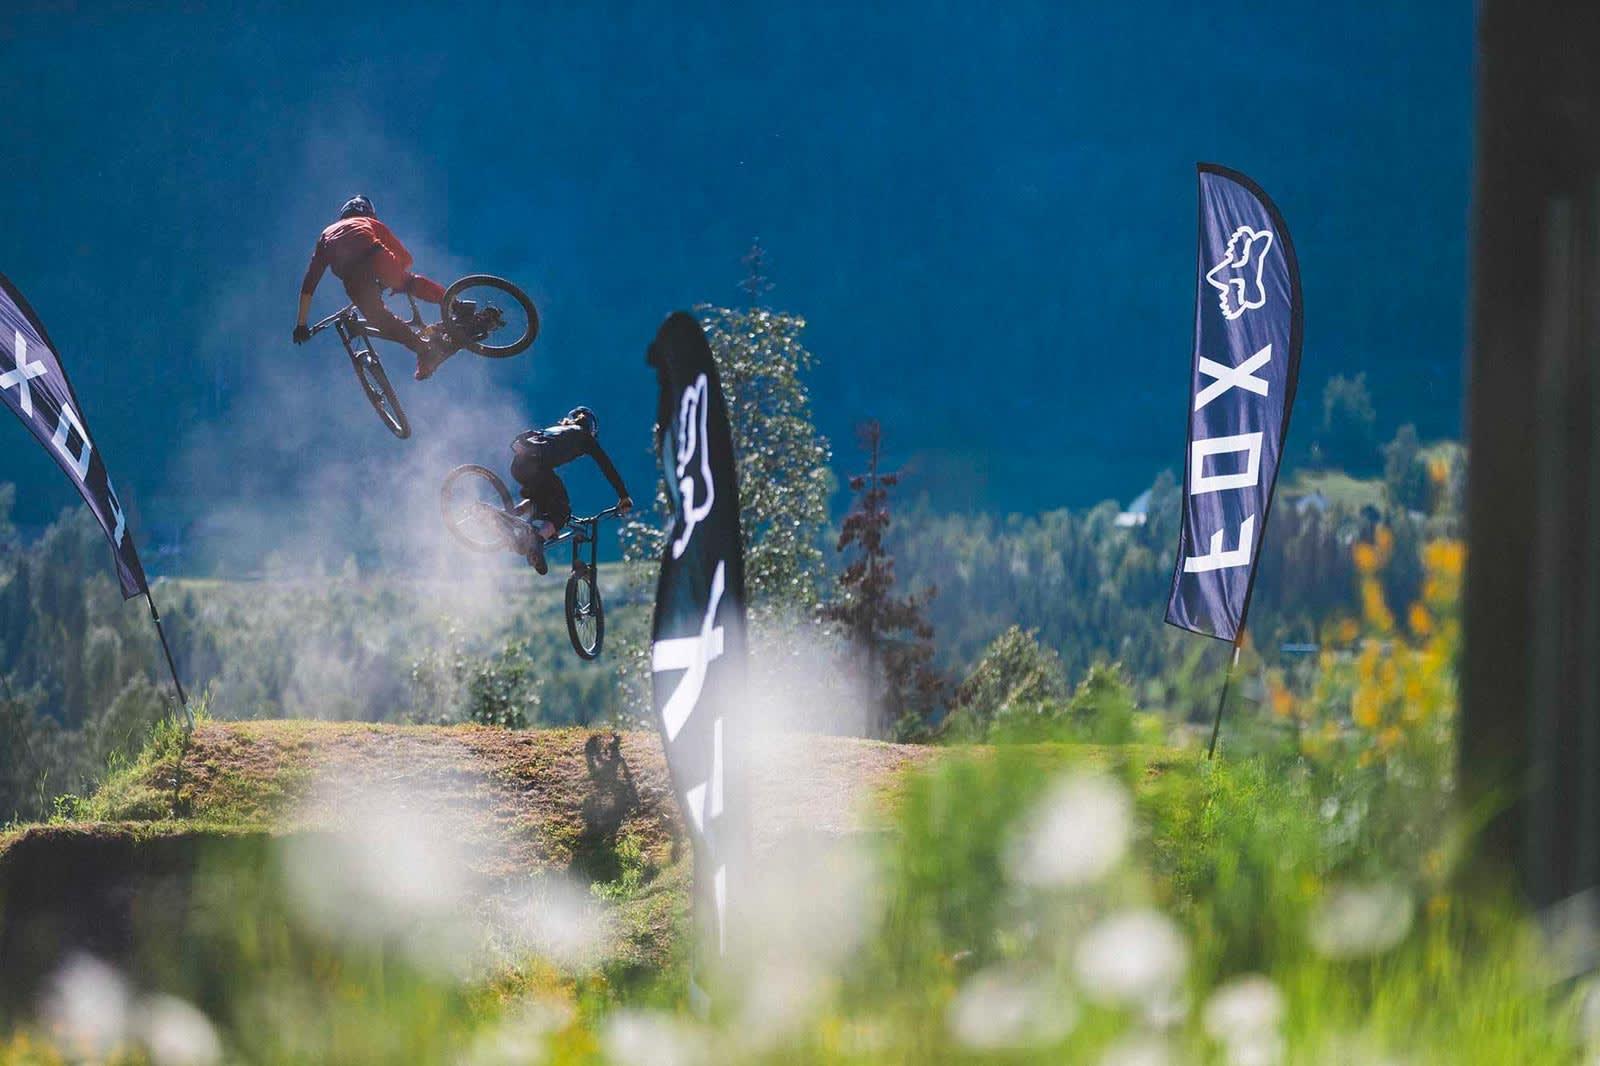 SIDEVEIS: Åpningshelgen ble det arrangert whip-off-konkurranse. Det går kort fortalt ut på å få sykkelen så sideveis som mulig i lufta før man retter opp og lander igjen.